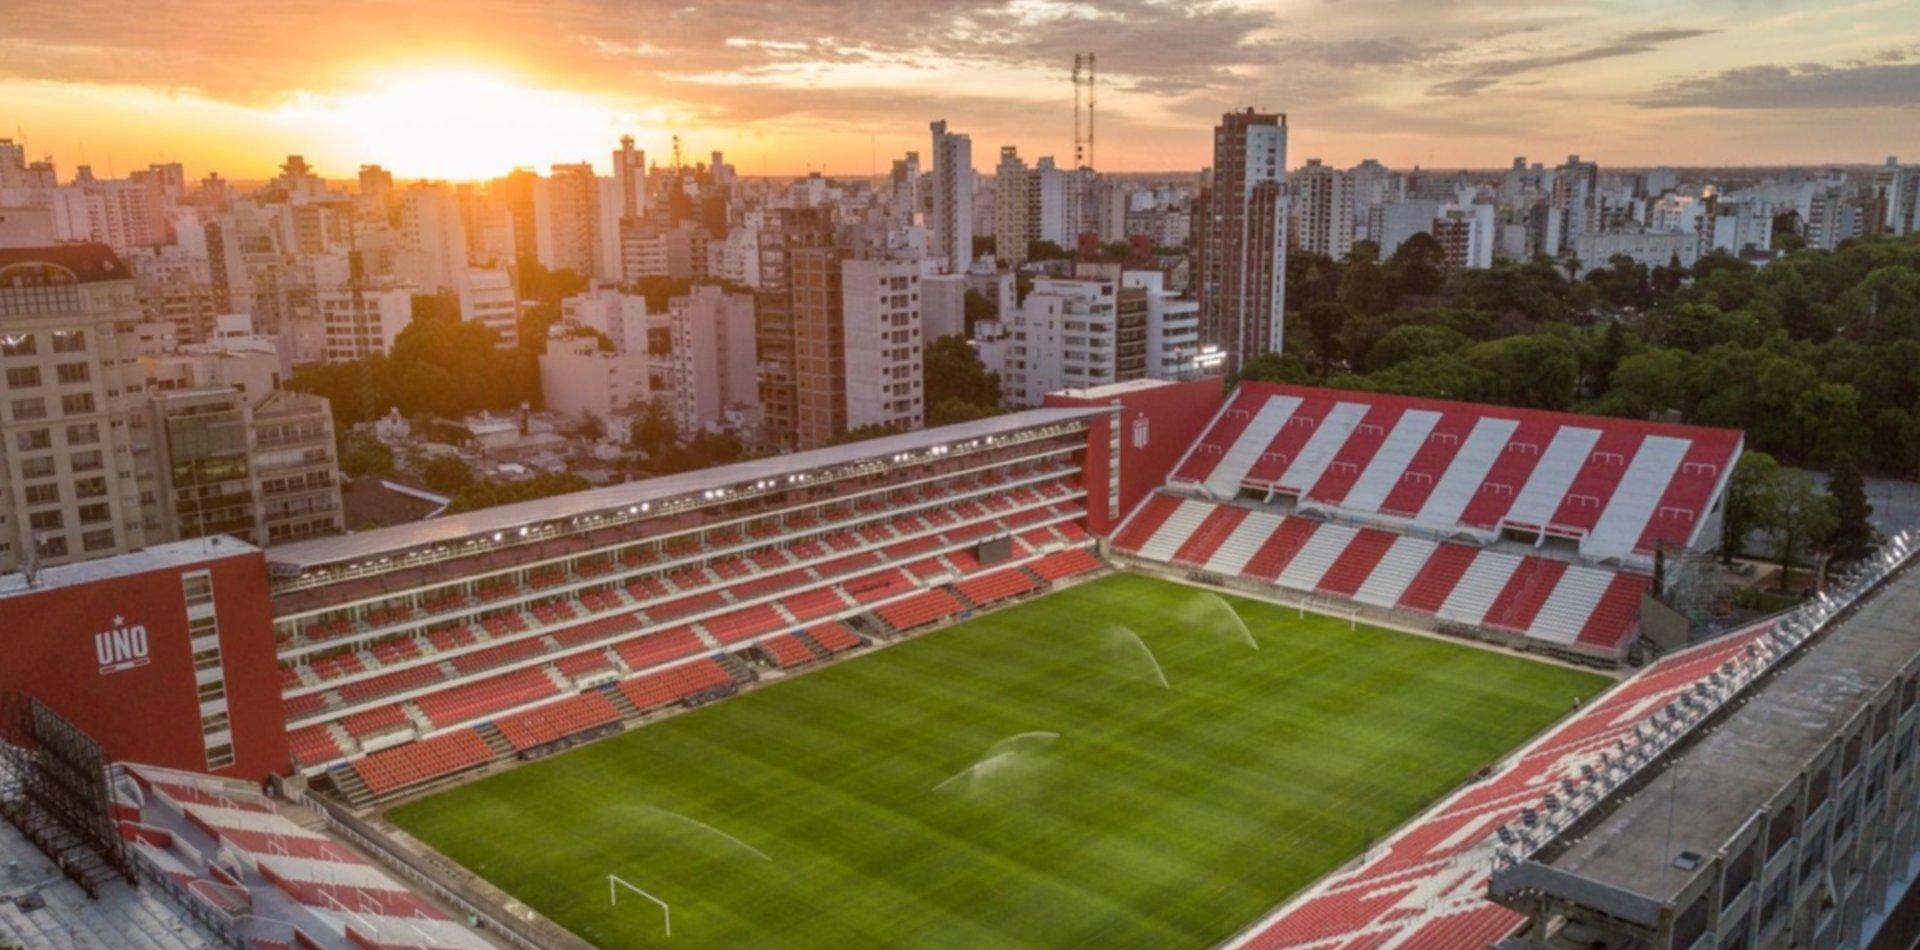 ¿Qué le pidieron a Estudiantes para que UNO sea sede de la Copa América?